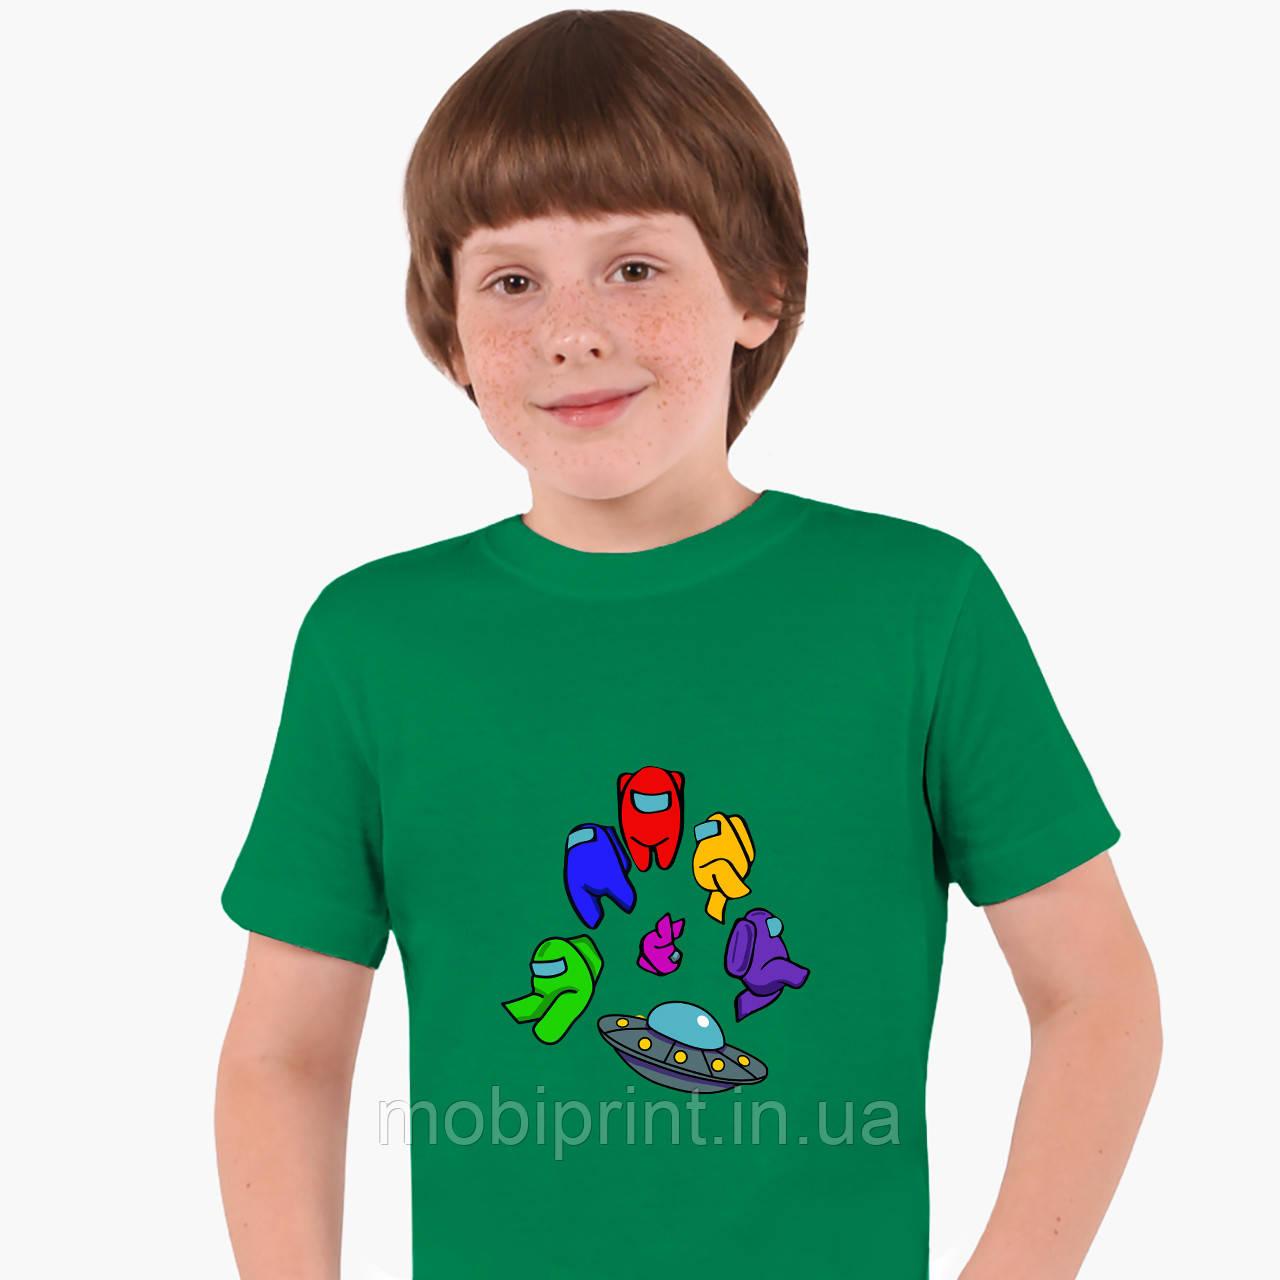 Детская футболка для мальчиков Амонг Ас (Among Us) (25186-2585) Зеленый